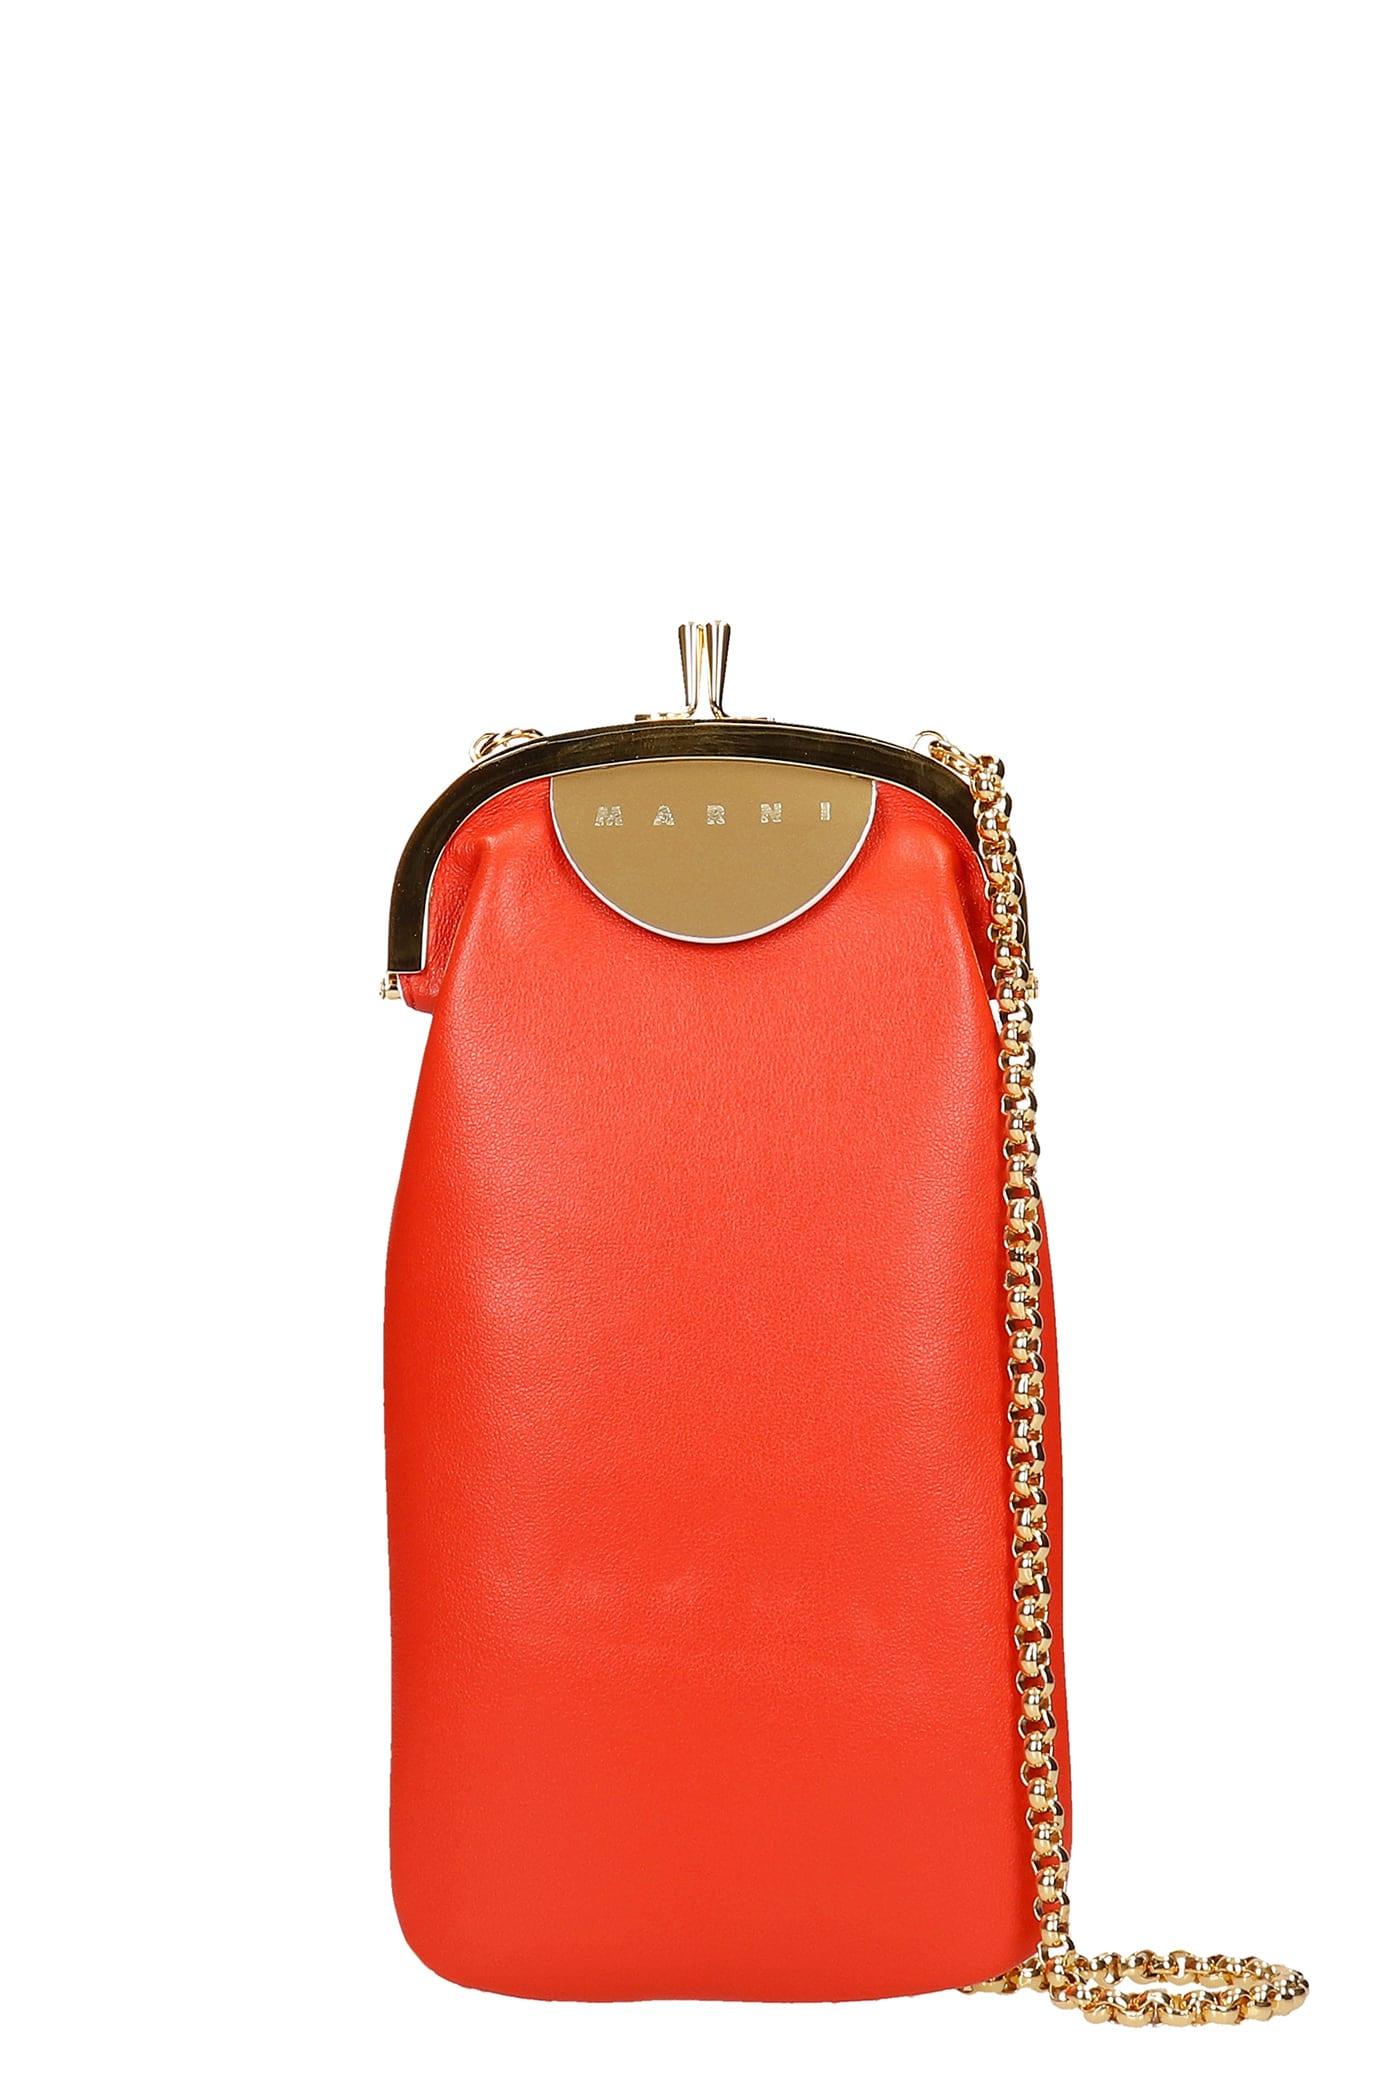 Marni Shoulder Bag In Red Leather